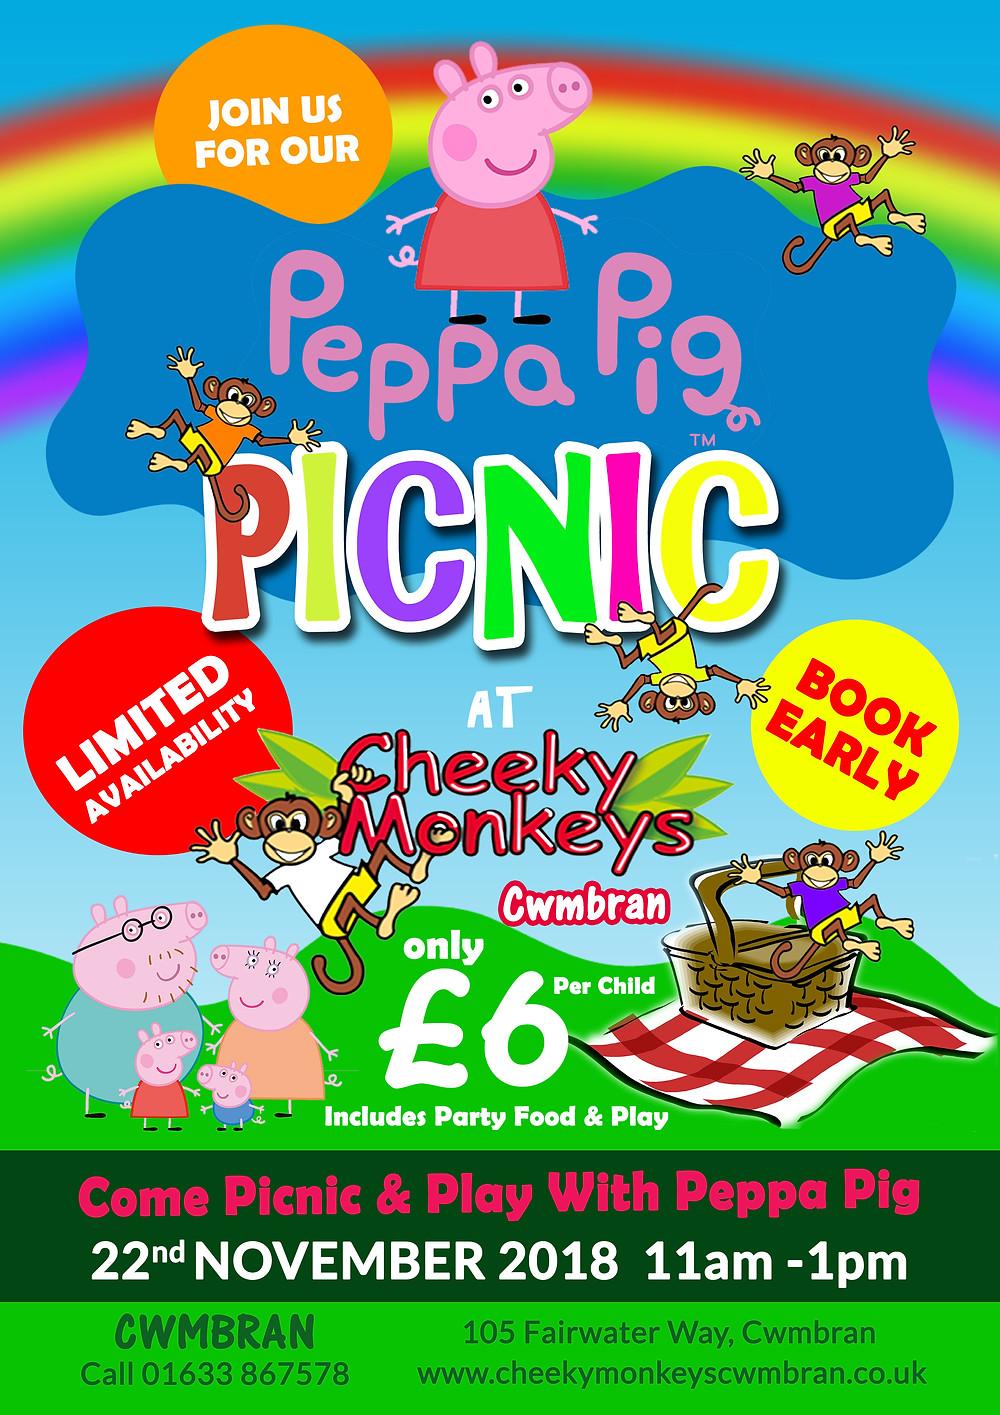 Peppa Pig Cheeky Monkeys